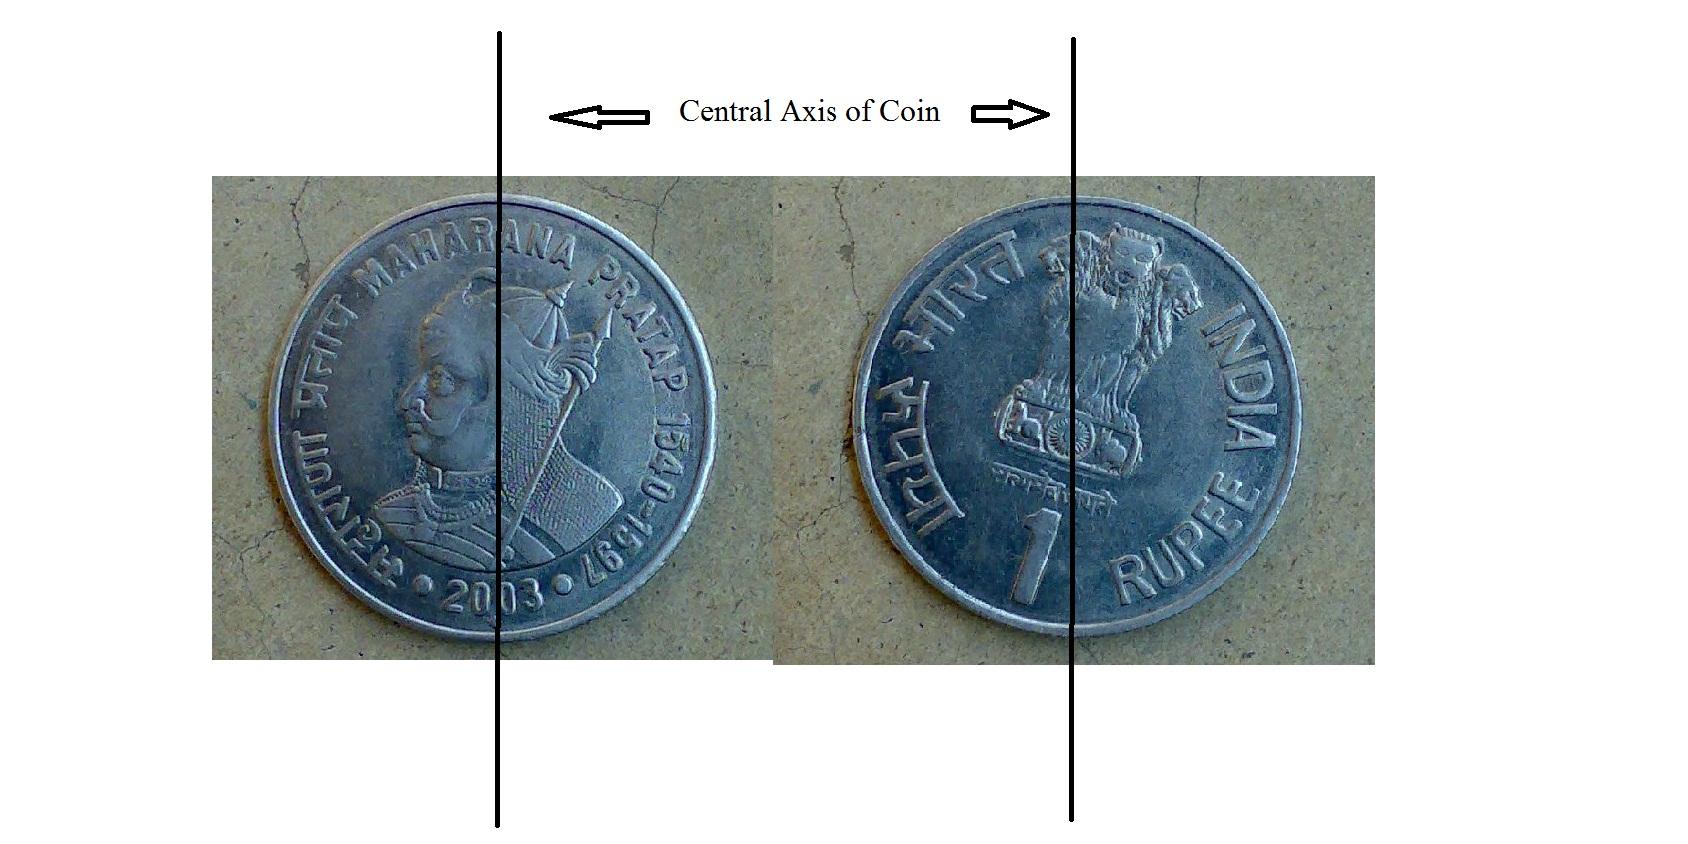 Maharana Pratap Die Rotation Error Coin